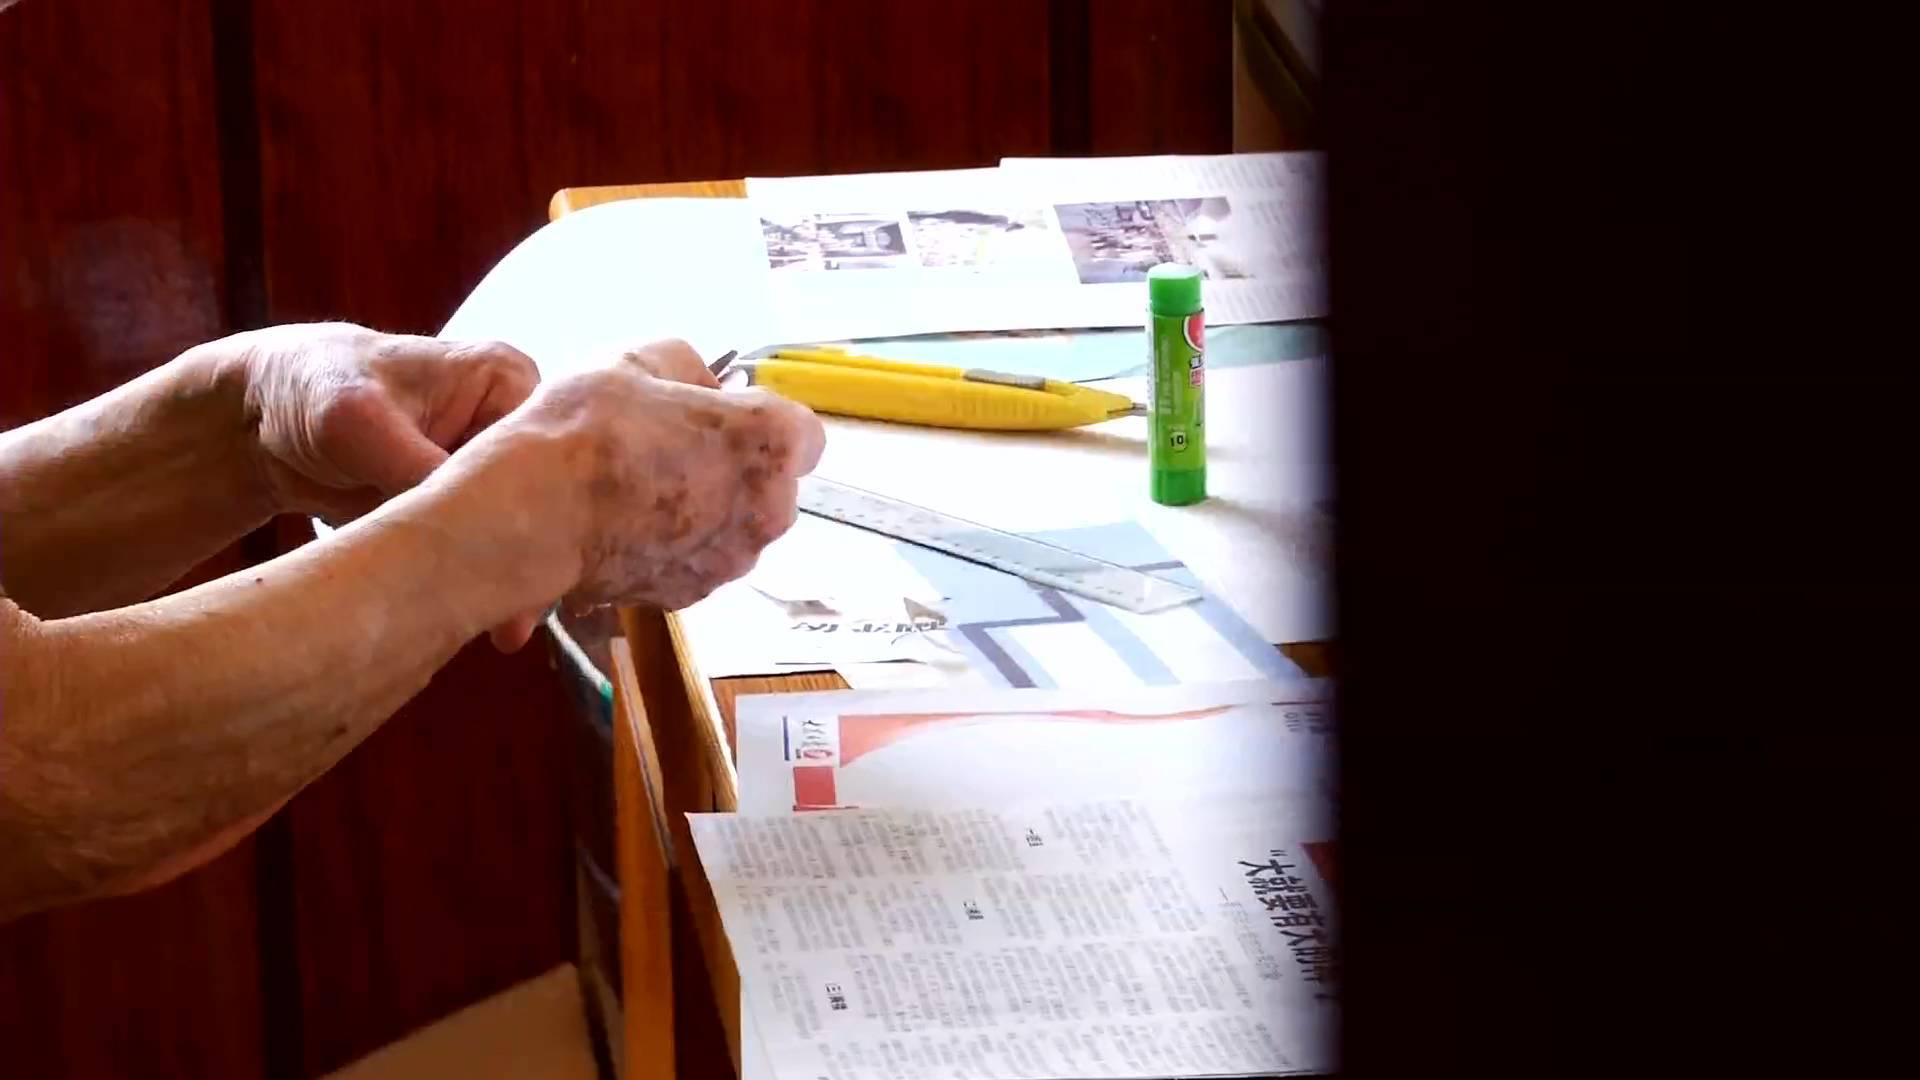 青岛86岁老人30年剪报上万份 制作1200多张剪报贴本